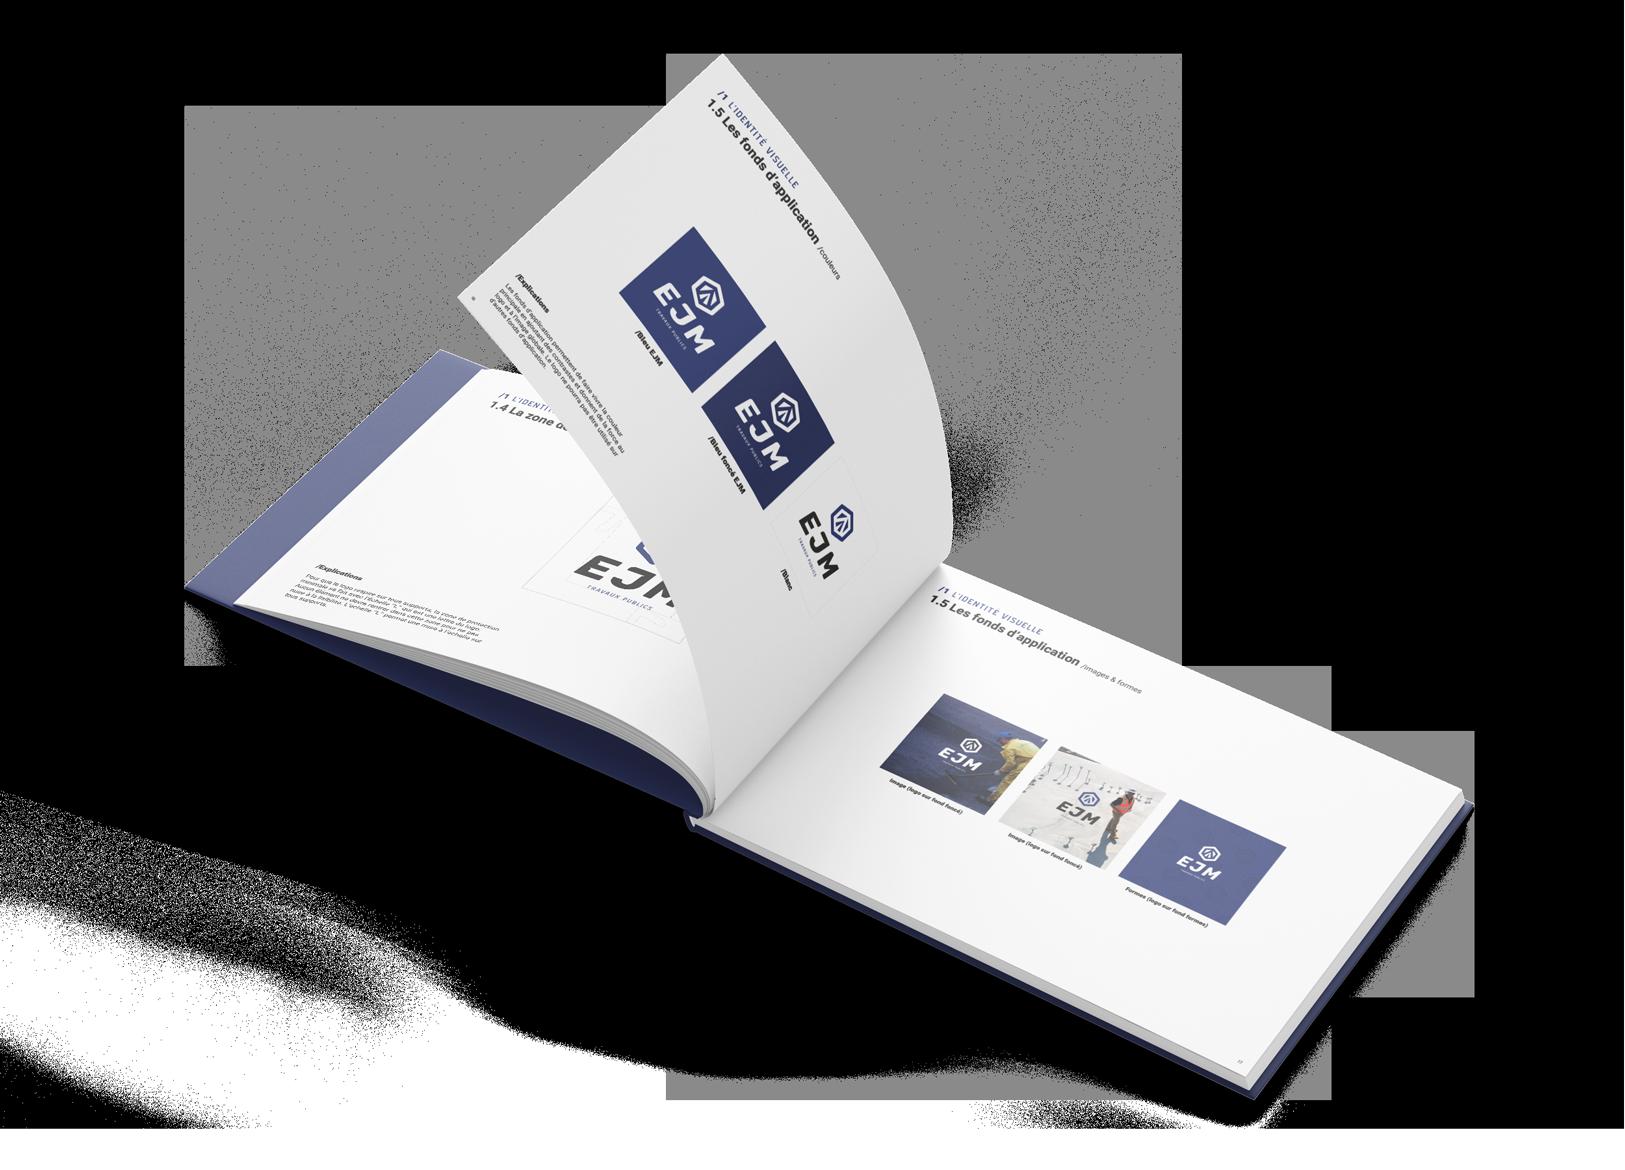 Charte_travaux_communication_EJM-travaux_agence_de_communication_lille_video_agence_video_Plan-de-travail-1-copie-12-13